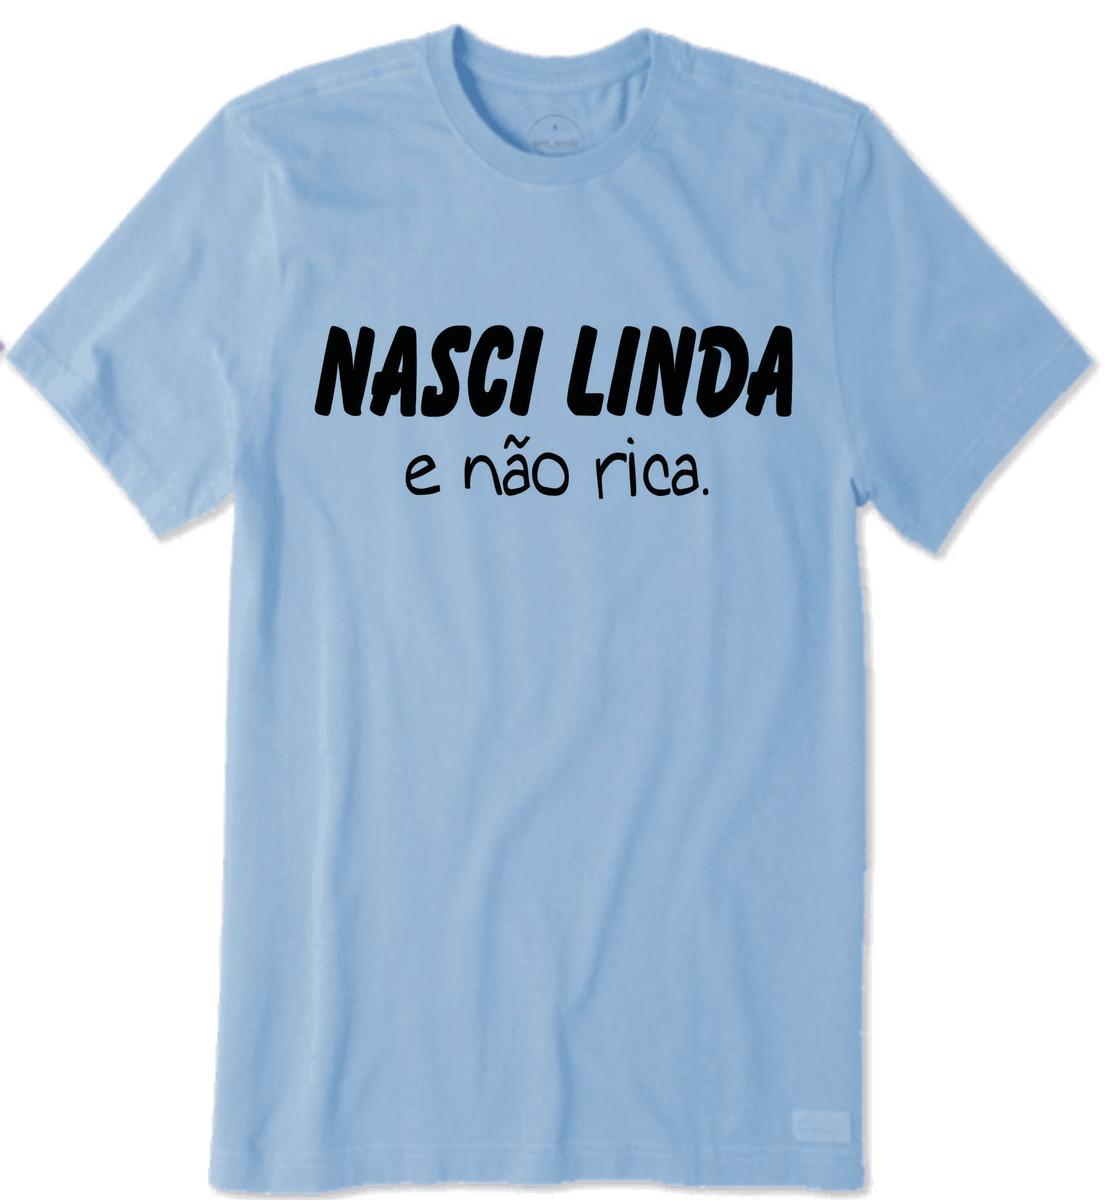 Camiseta De Frases Engraçadas Nasci Linda E Não Rica